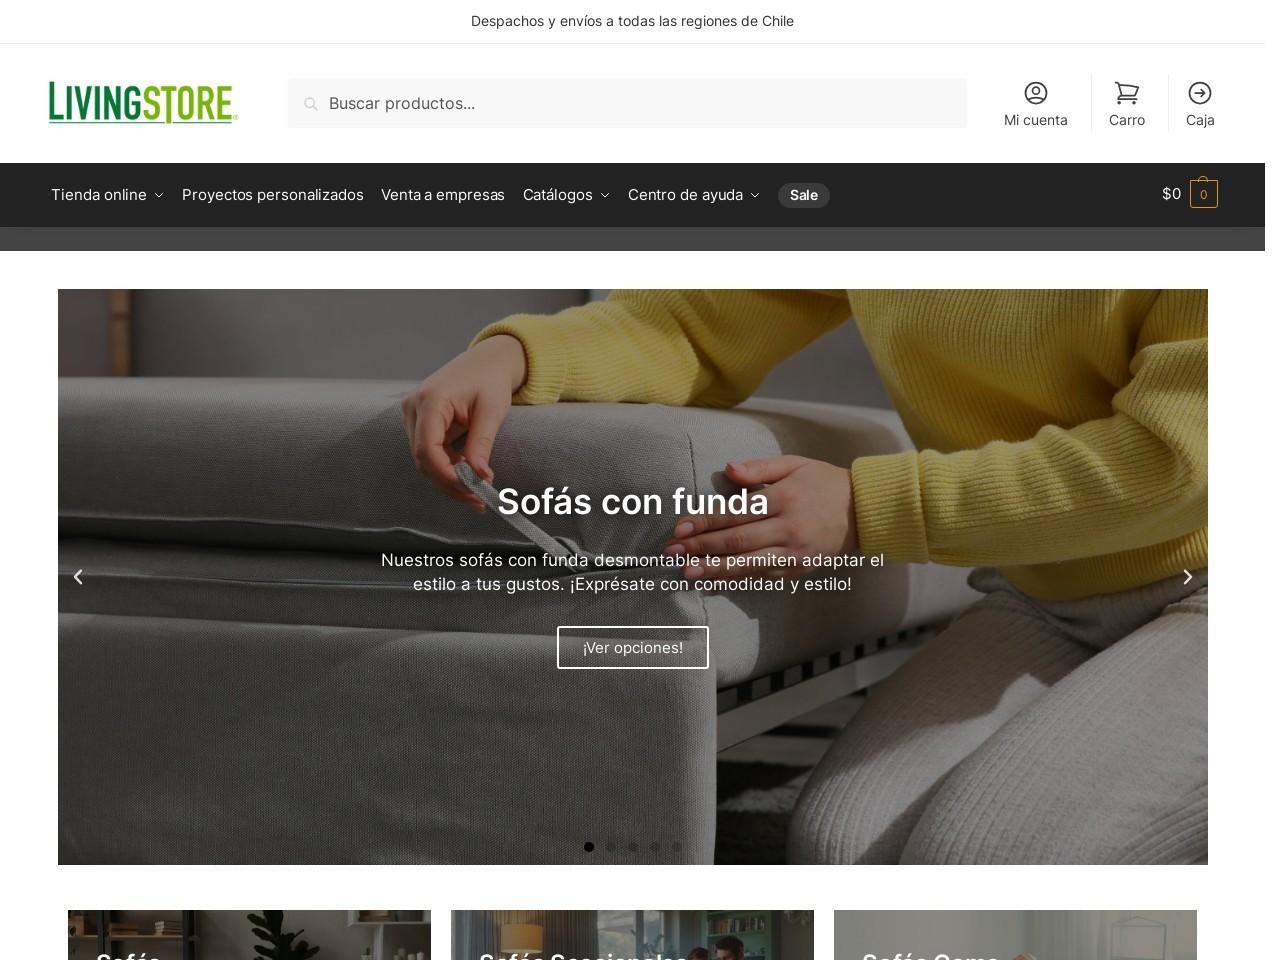 Livingstore.cl